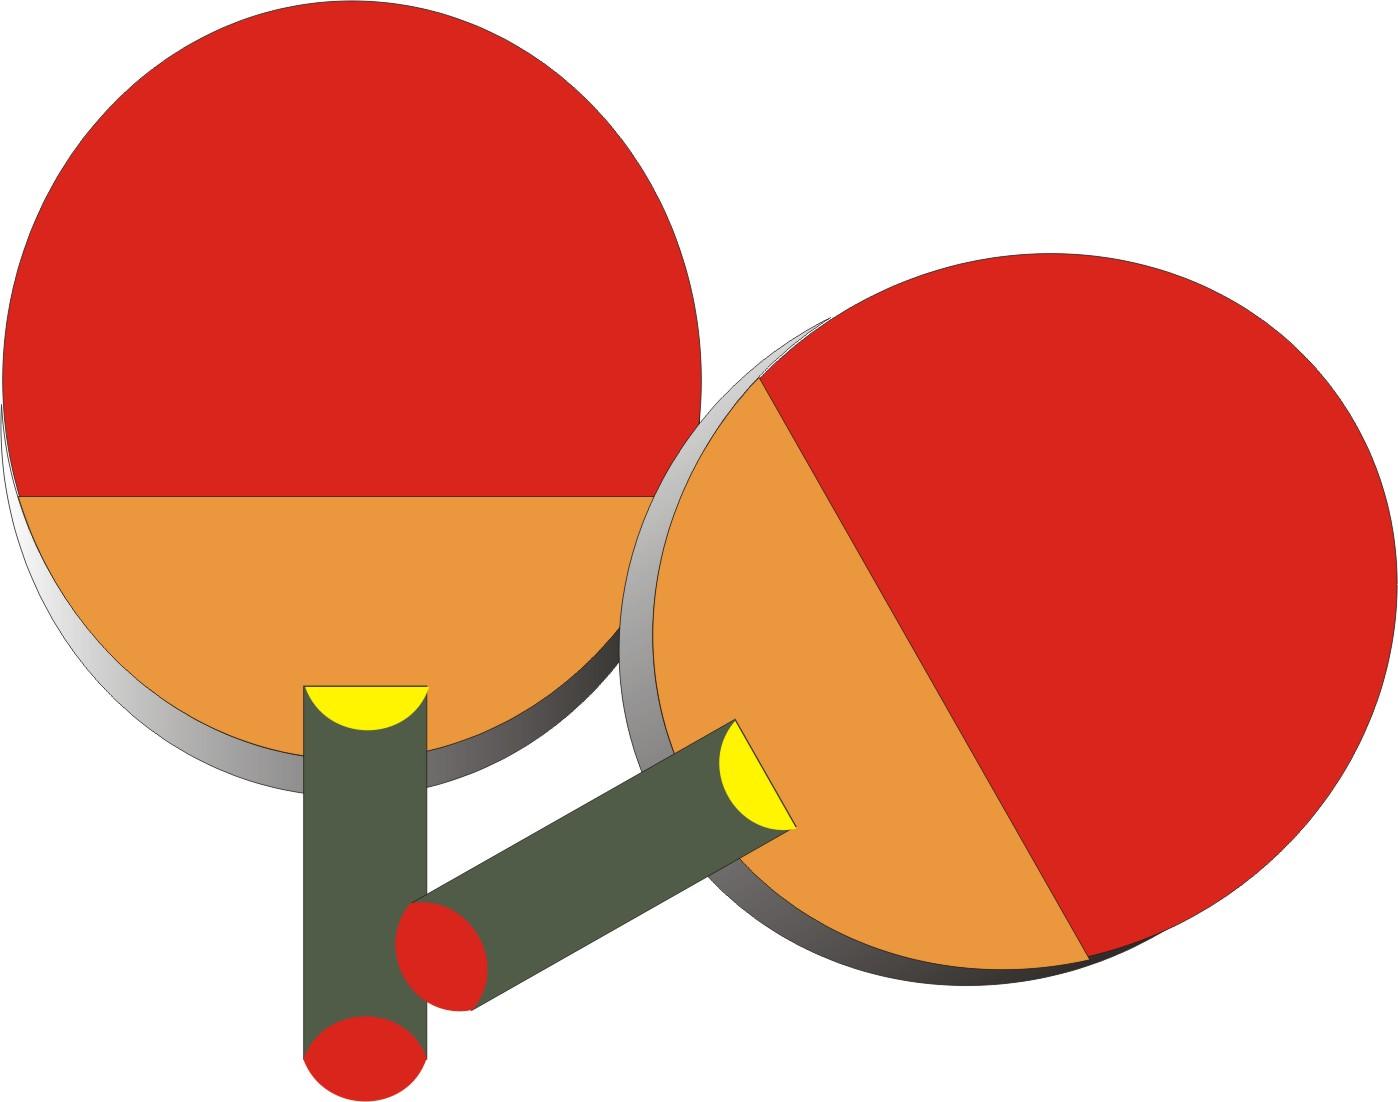 乒乓高清图片素材